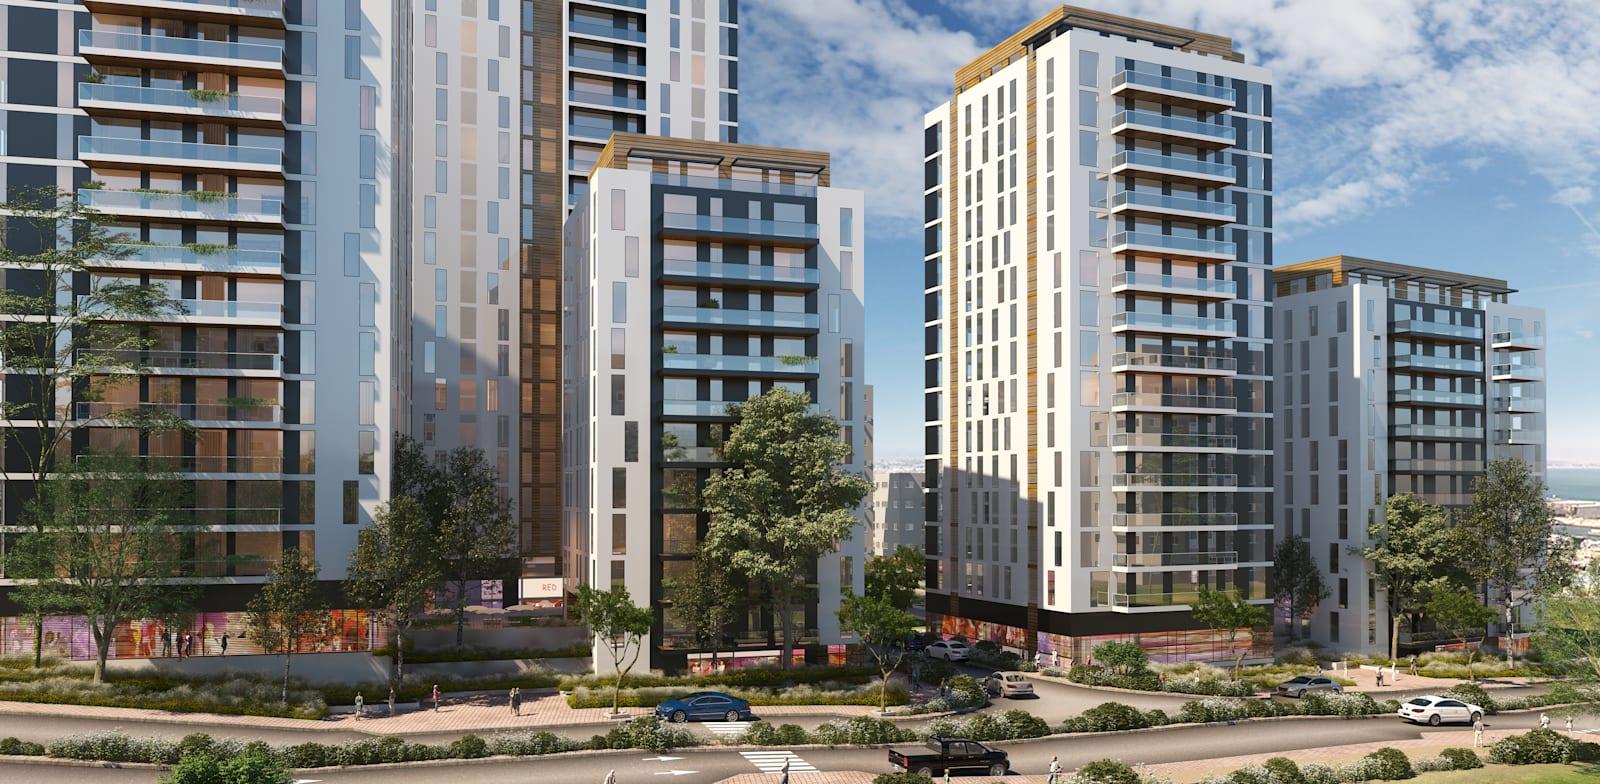 New neighborhood for Kiryat Eliezer Credit: Hakubia